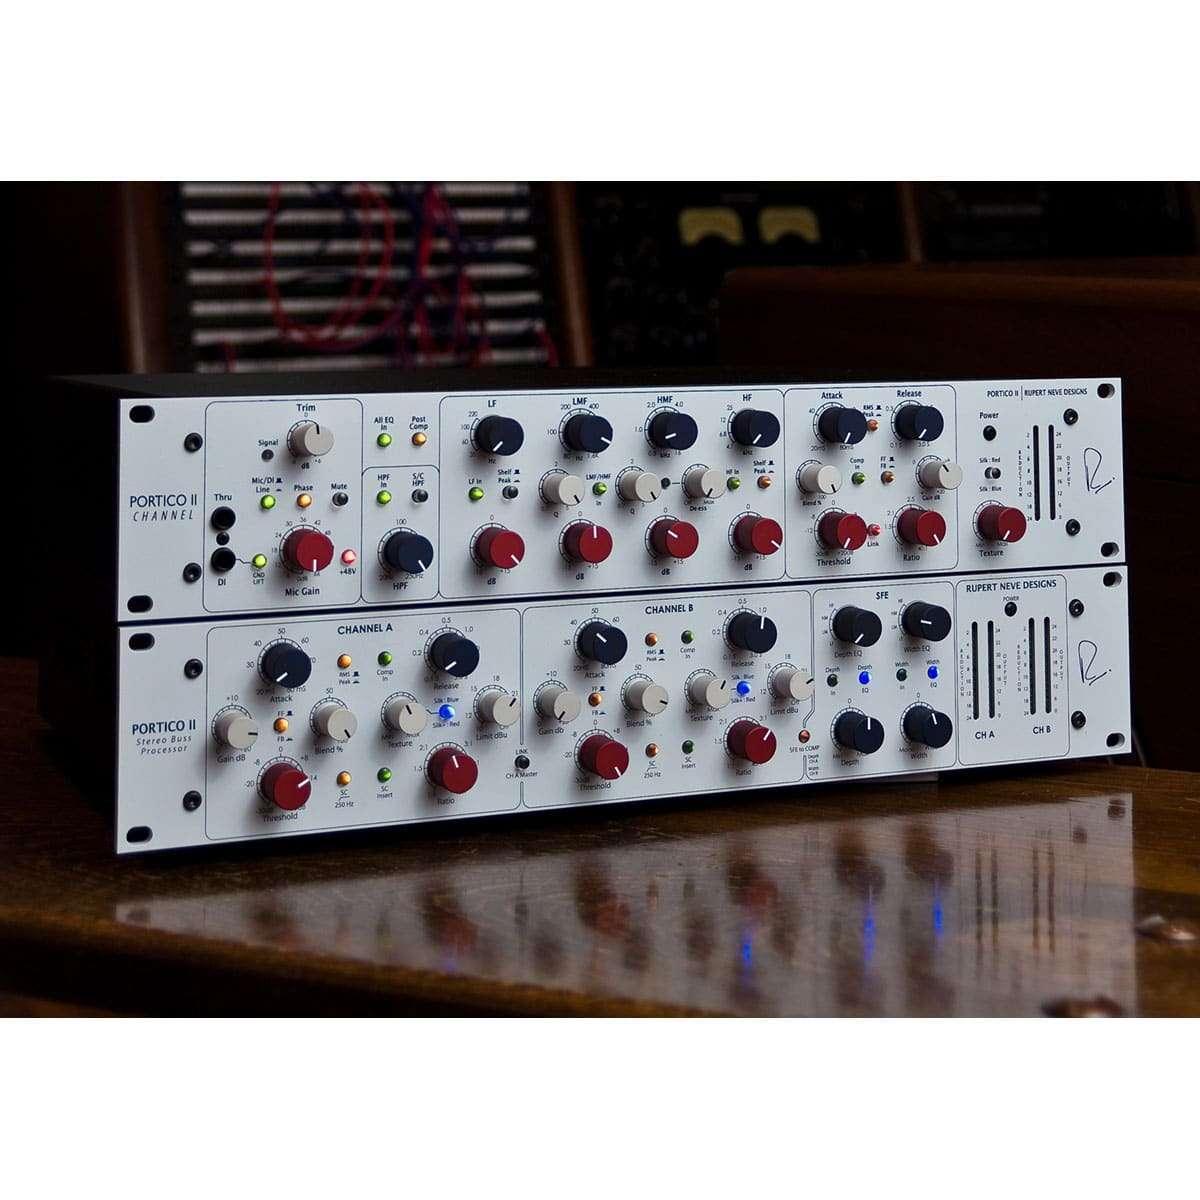 Rupert Neve Portico II Master Bus Processor 05 Strumentazioni Pro Audio per studi di registrazione, Outboard professionale analogico, Compressori analogici per il tuo studio di registrazione